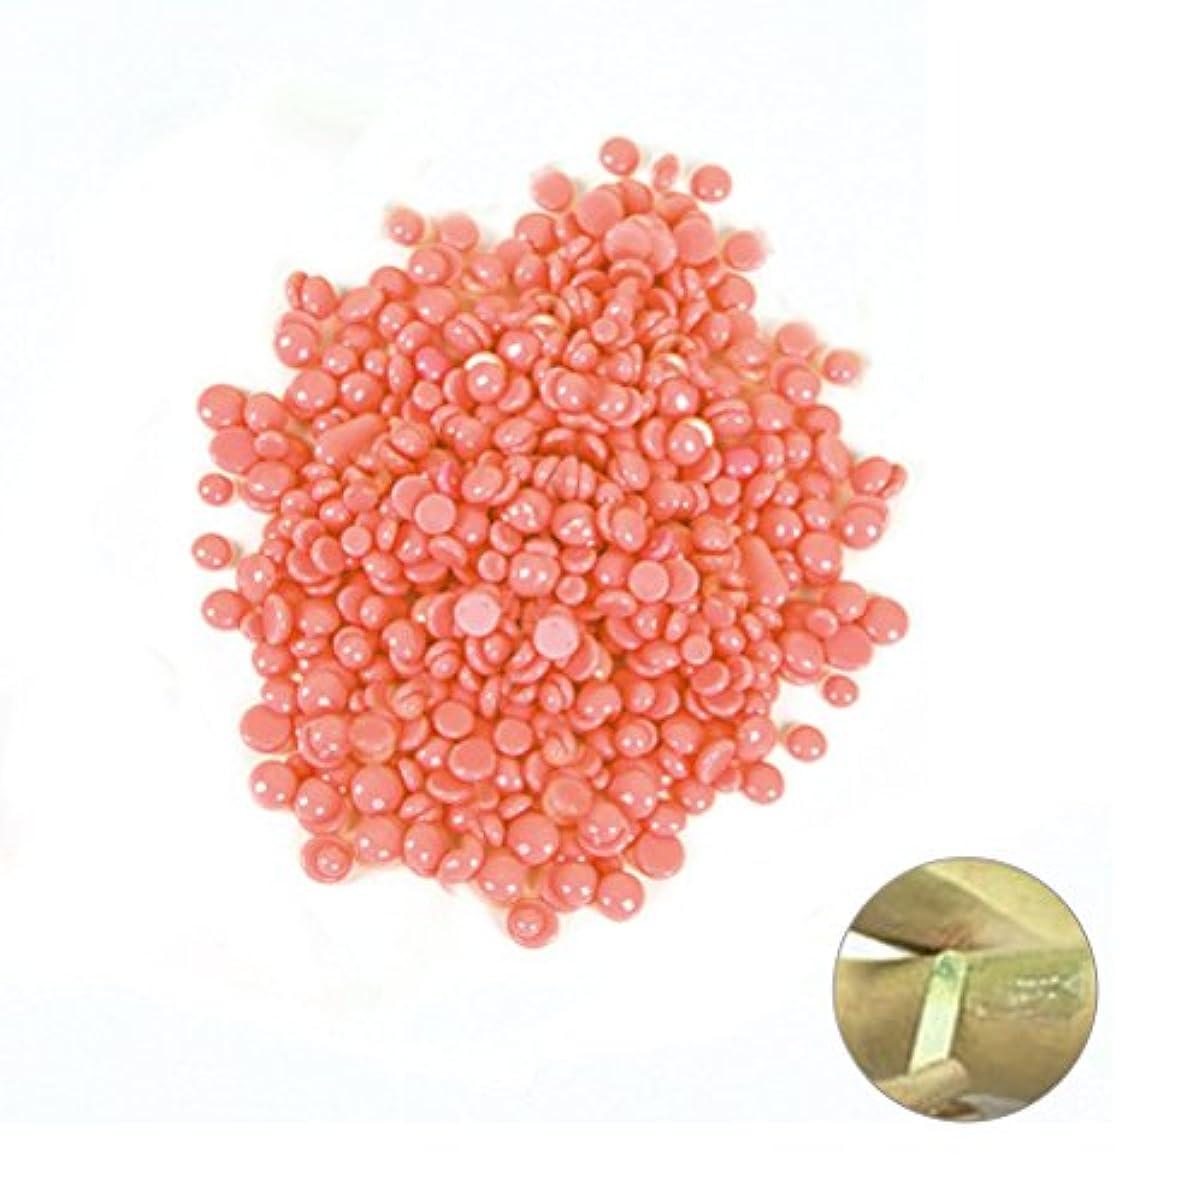 ほのか繊維形成ROSENICE 苦い脱毛脱毛剤パールハードワックスビーズ100g(ピンク)